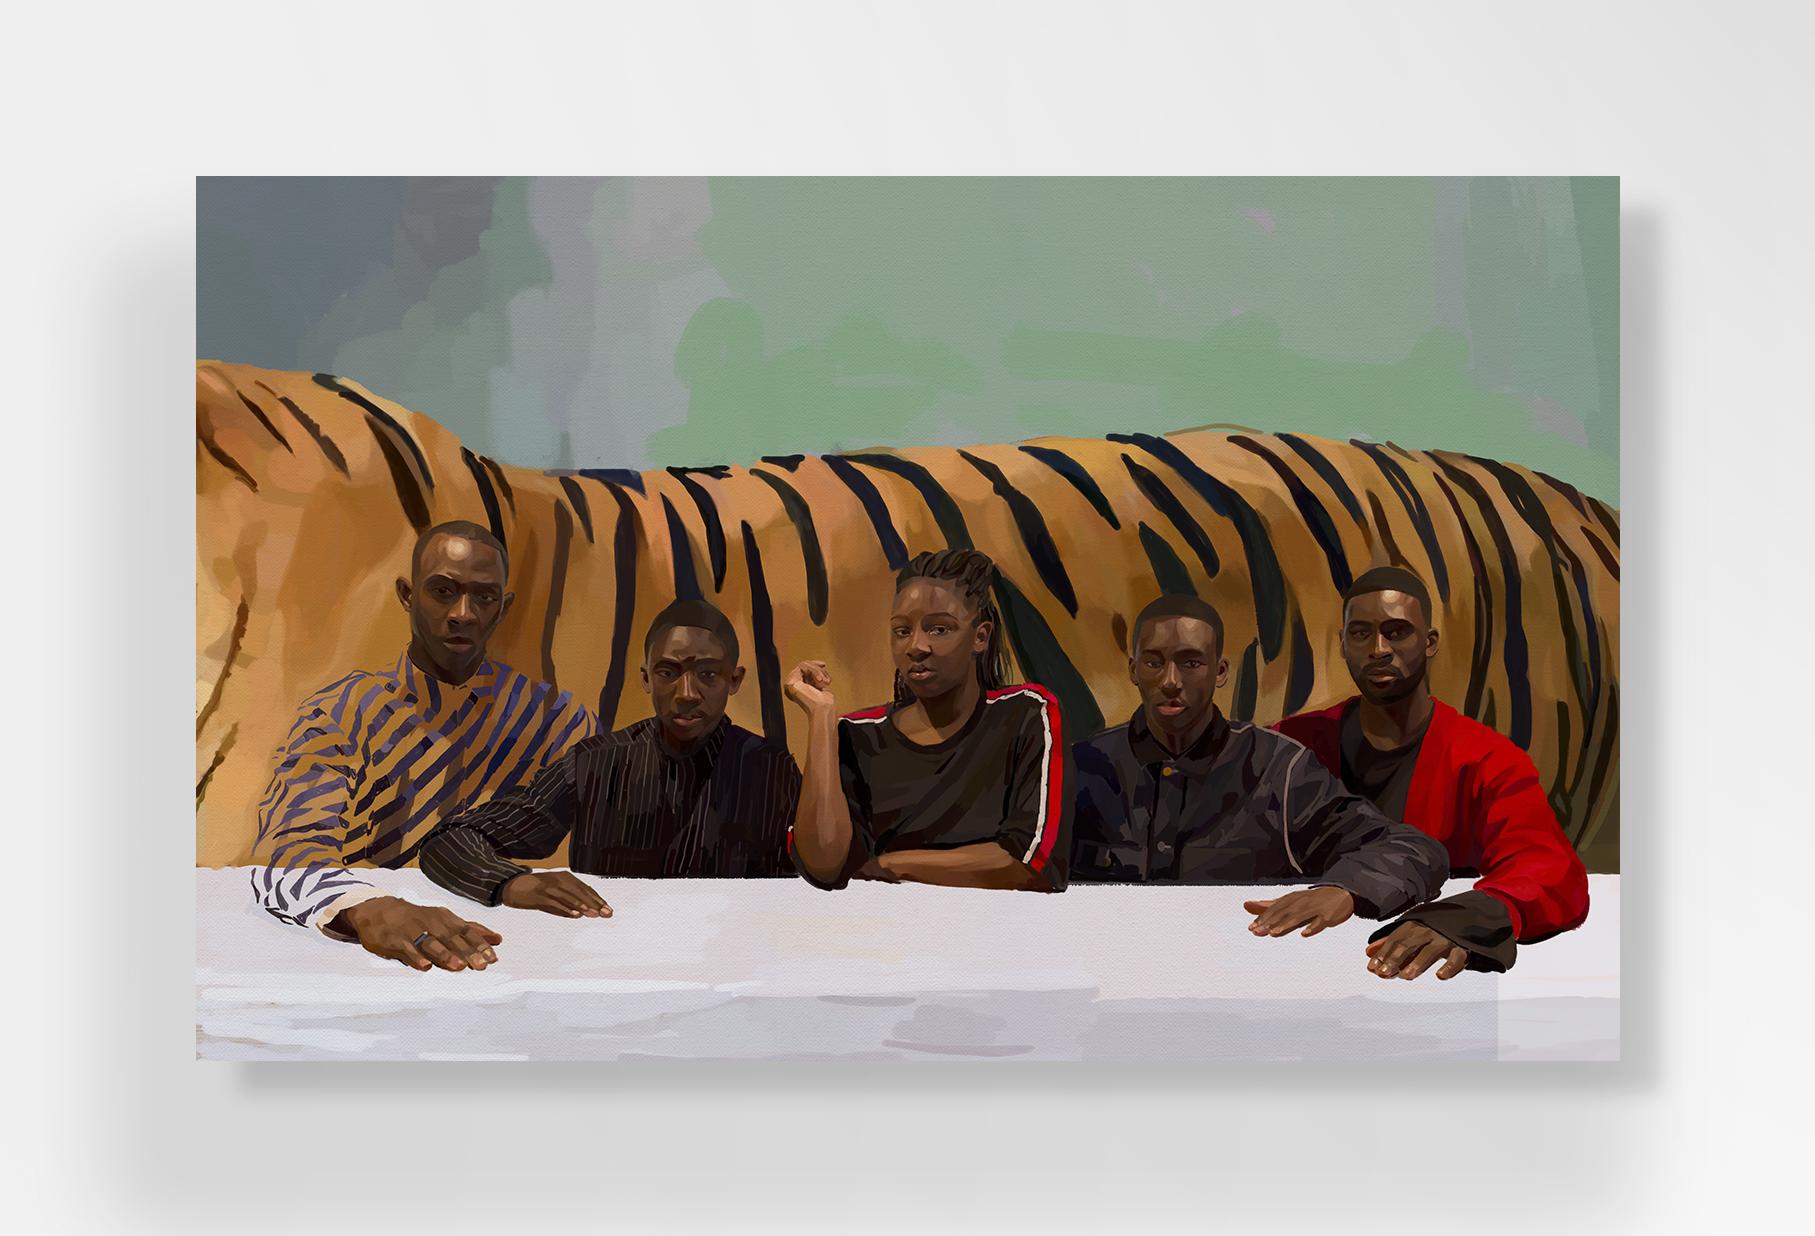 """""""La fratrie n'est jamais finie"""" de Johanna Tordjman, exposée à la galerie Sébastien Adrien, jusqu'au 30 juin. Courtesy Galerie Sébastien Adrien."""